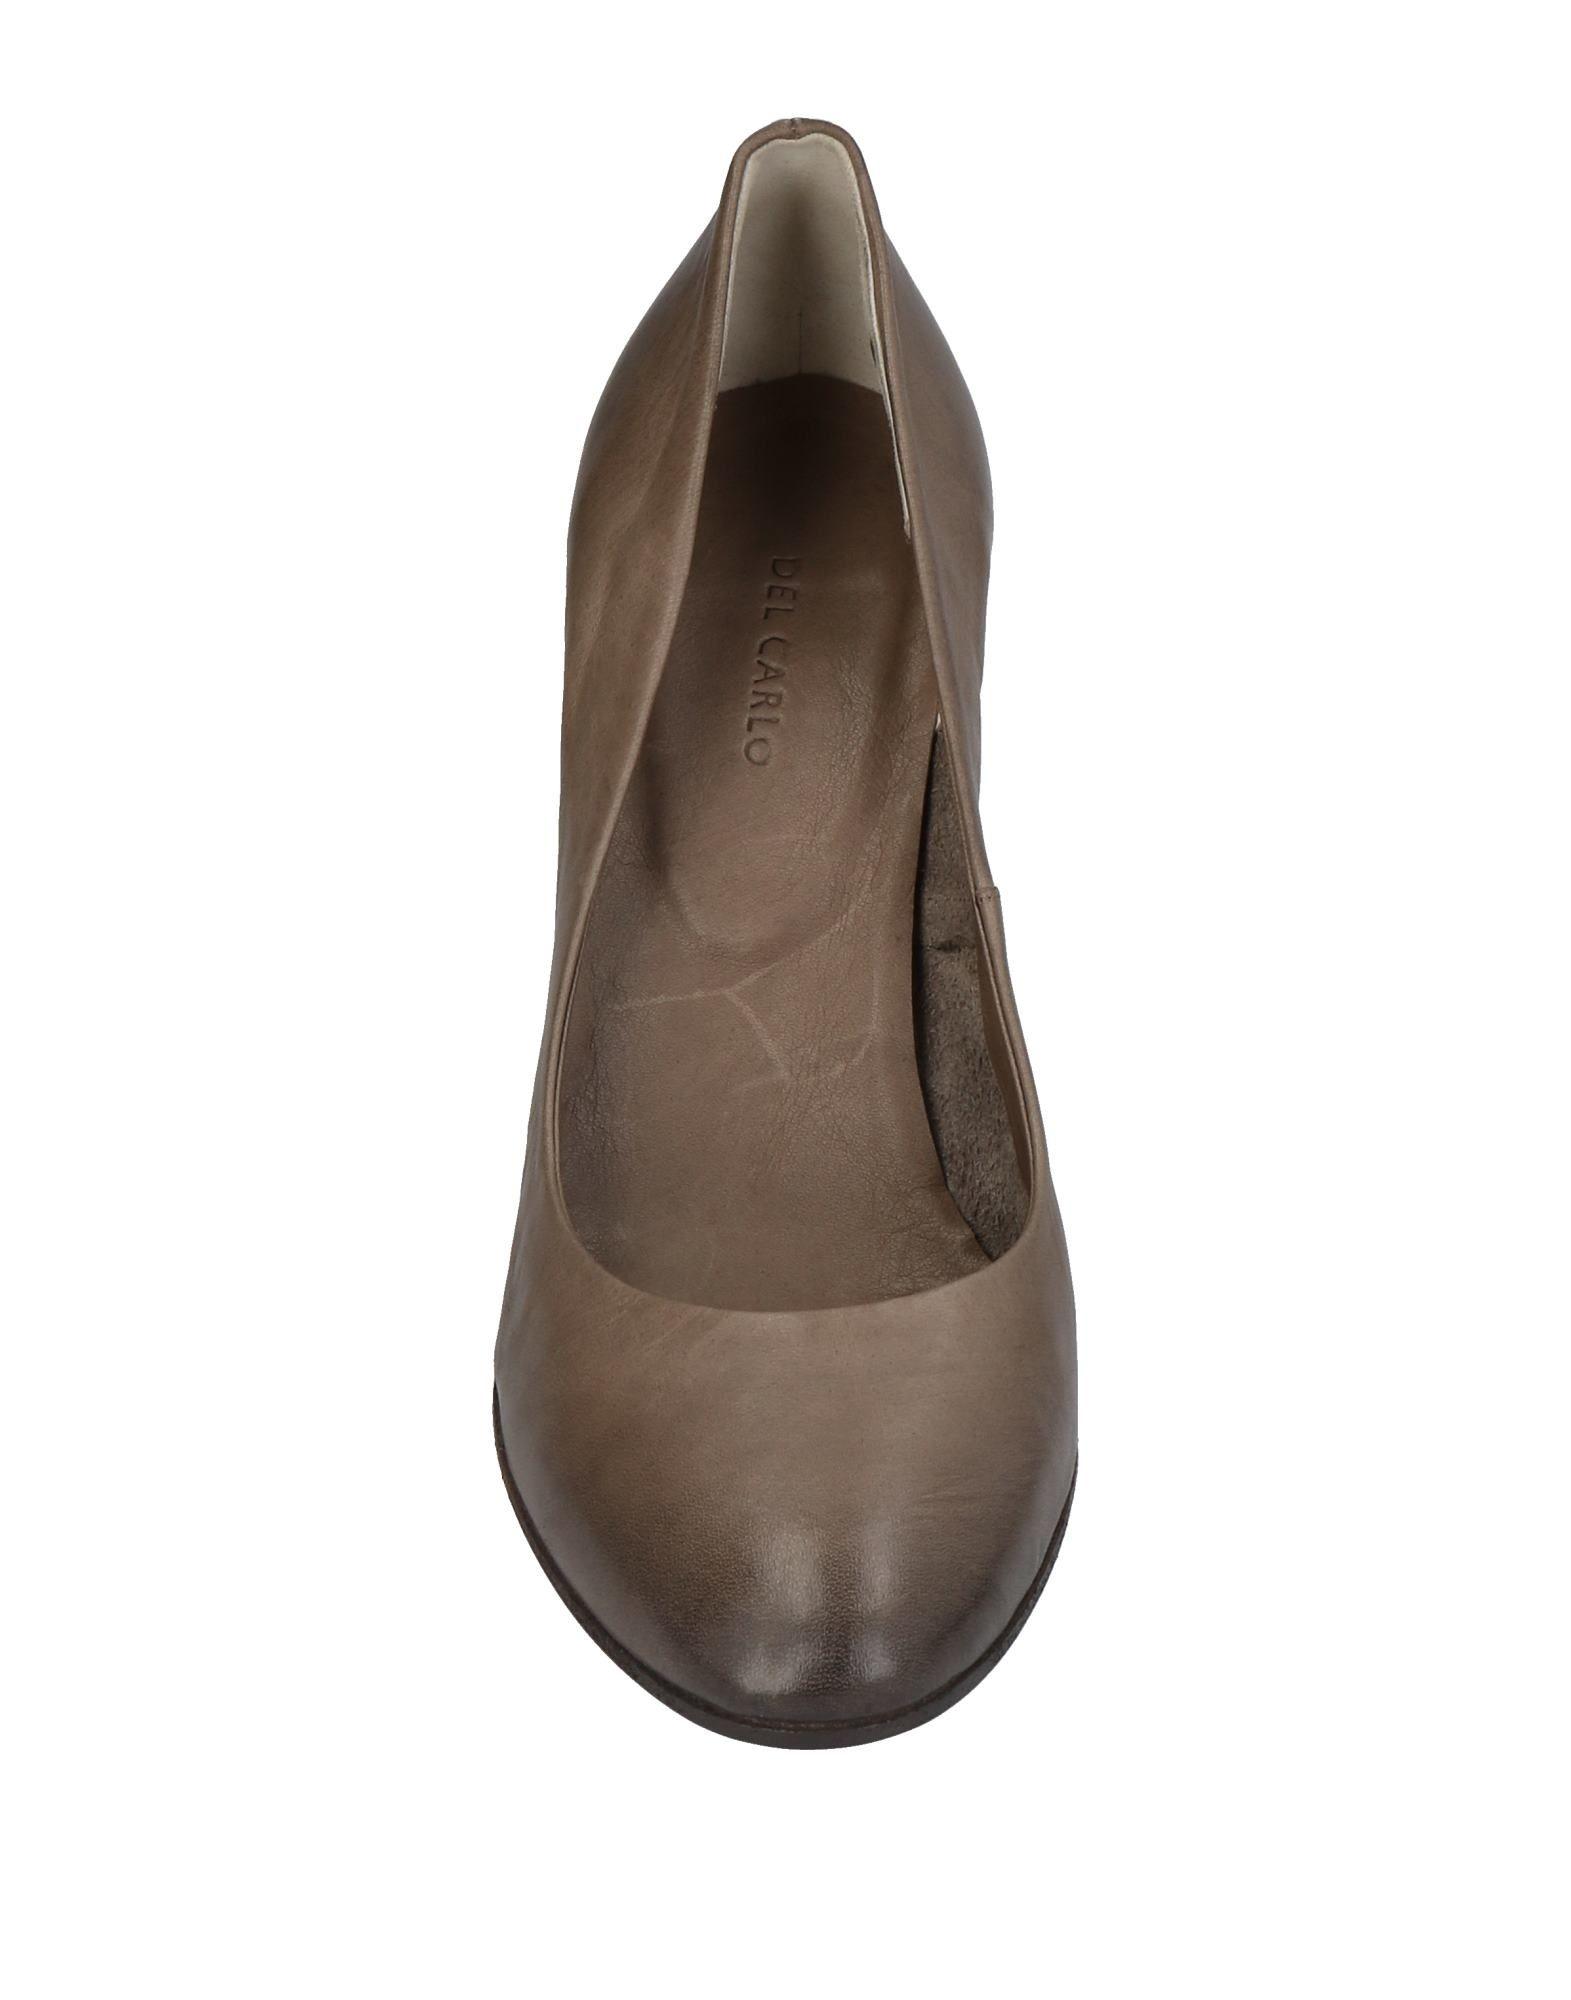 Del Carlo Pumps Damen  11425964OD Gute Gute Gute Qualität beliebte Schuhe 0cde9e